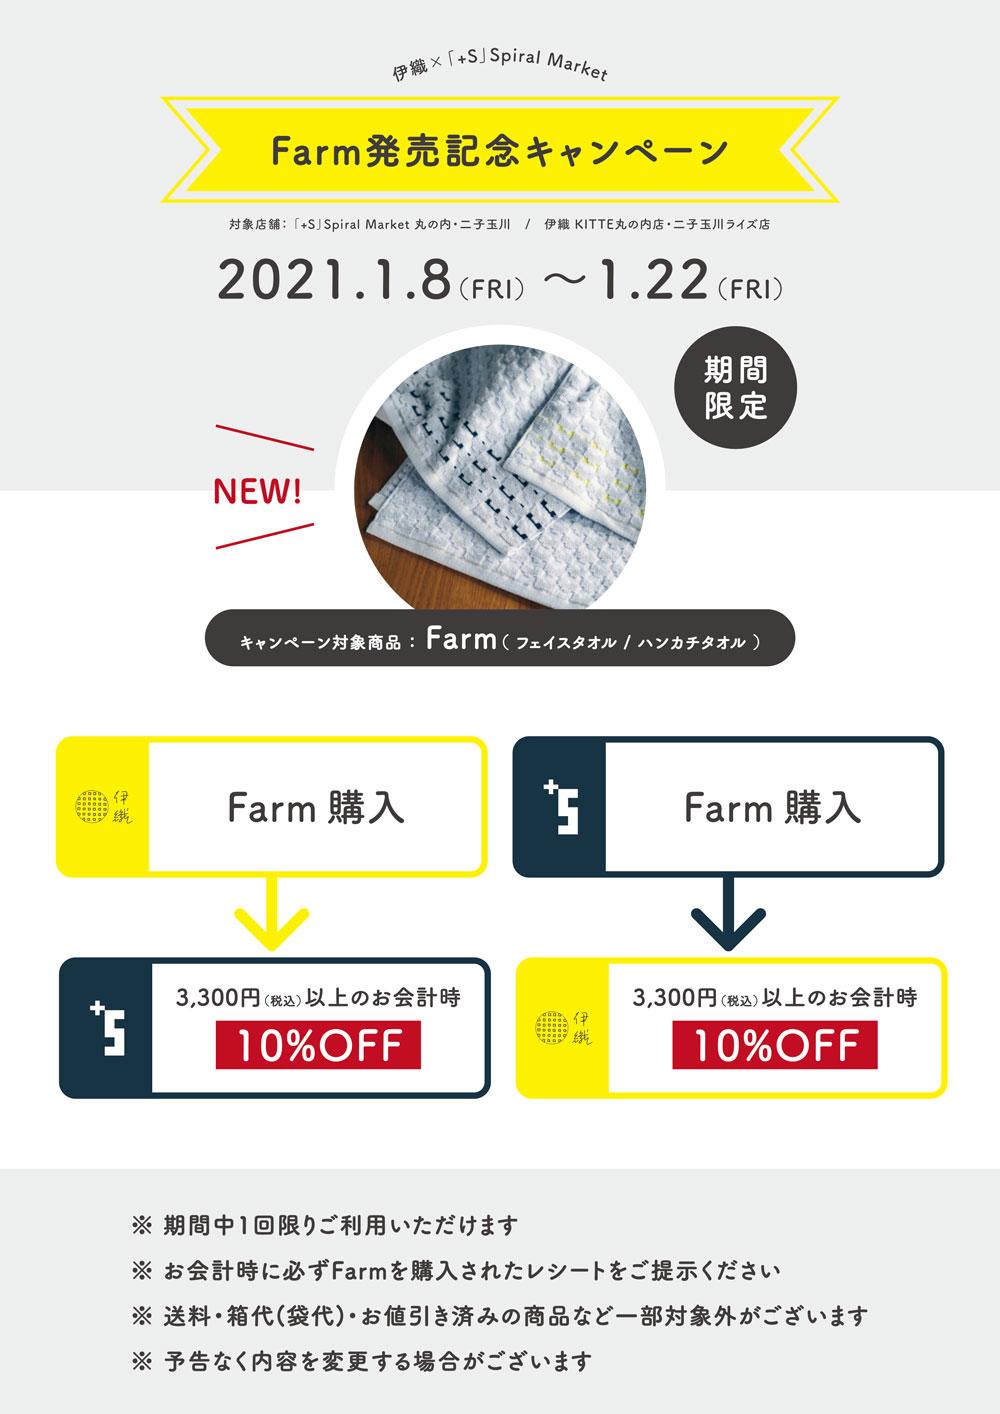 伊織×Spiral Market  Farm発売記念キャンペーン